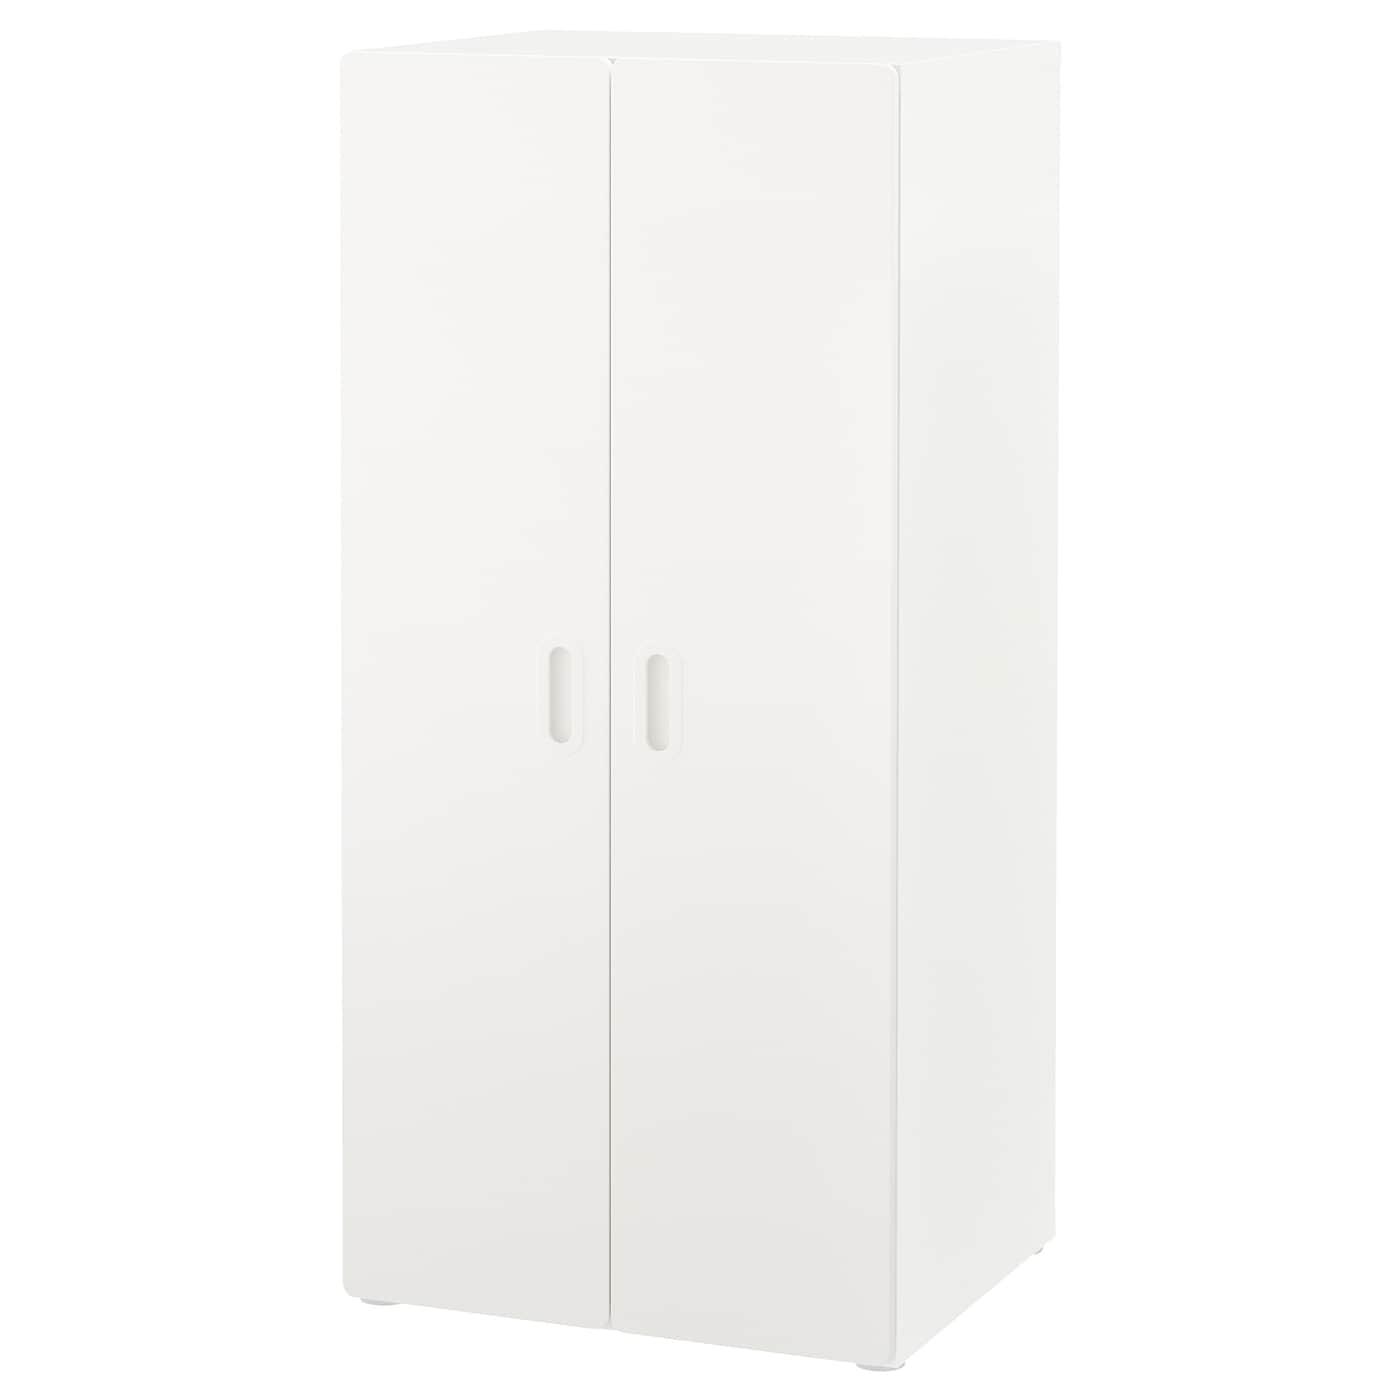 IKEA STUVA biała szafa z parą białych drzwi FRITIDS, 60x50x128cm